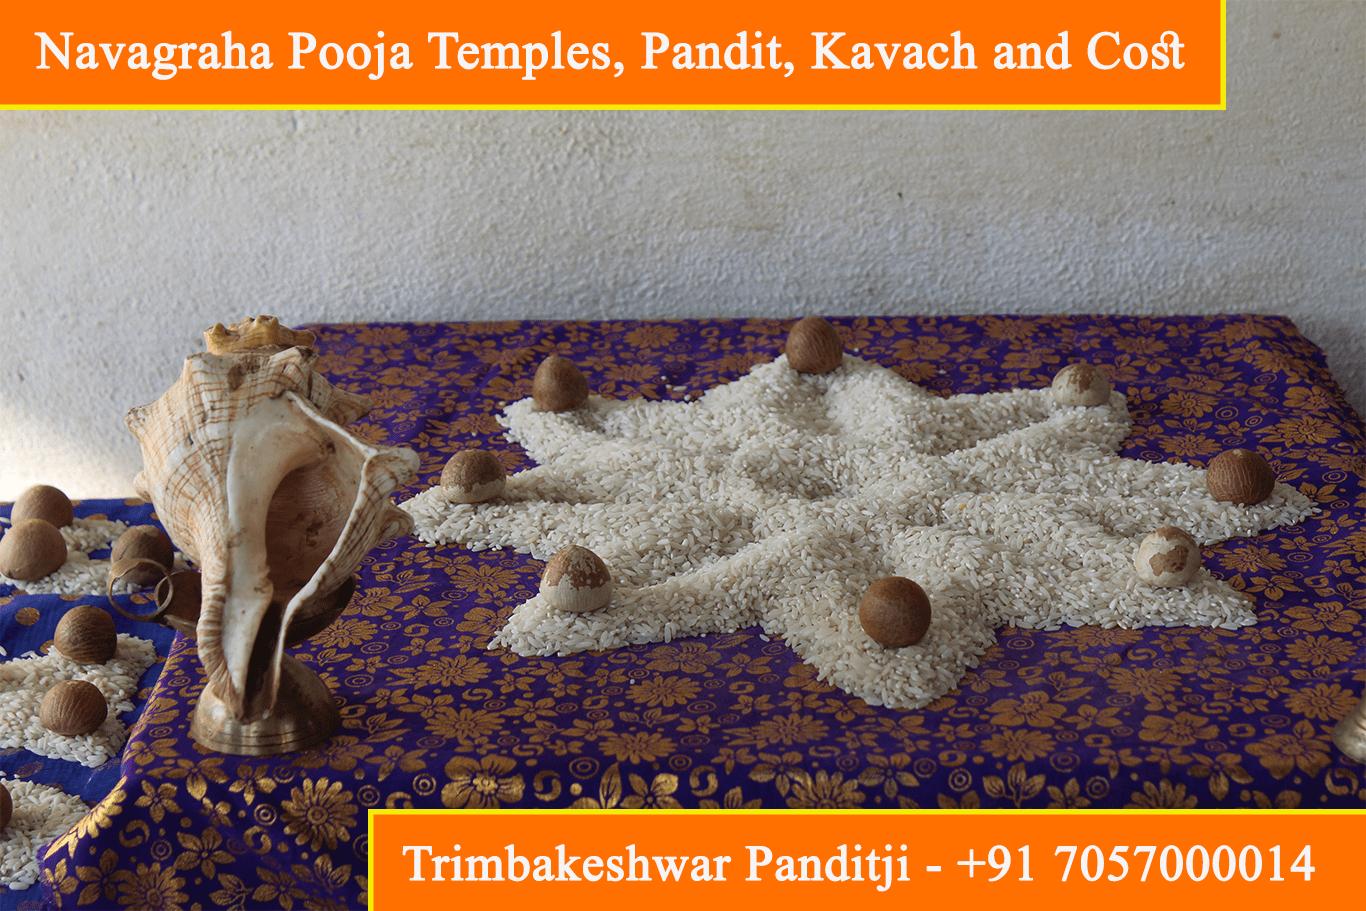 Navagraha Pooja Temples, Mandir, Pandit, Kavach and Cost